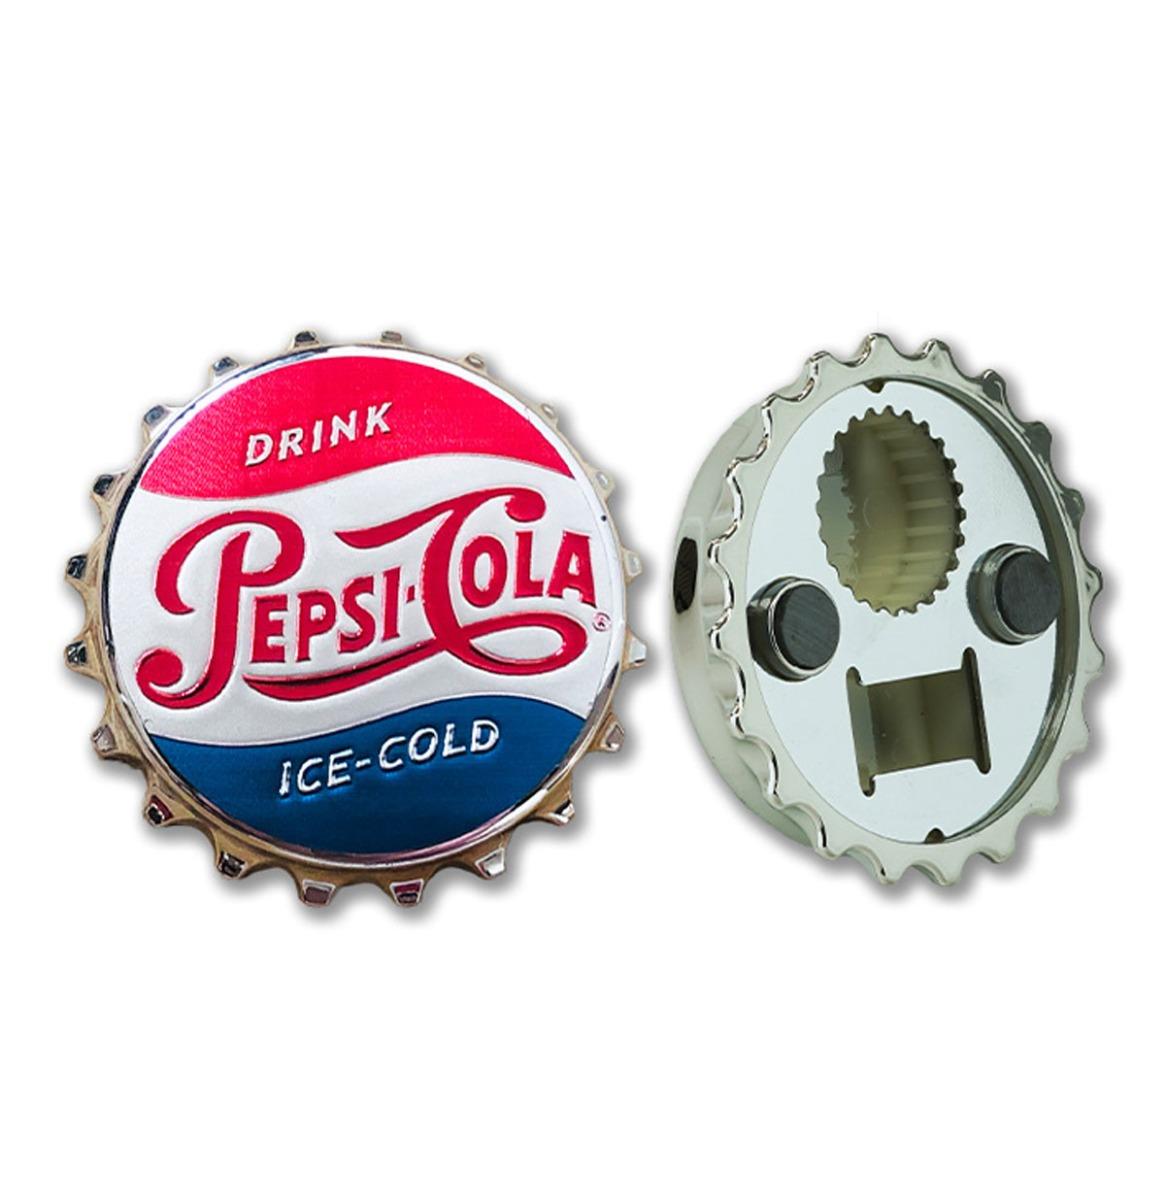 Pepsi - Cola Flessenopener